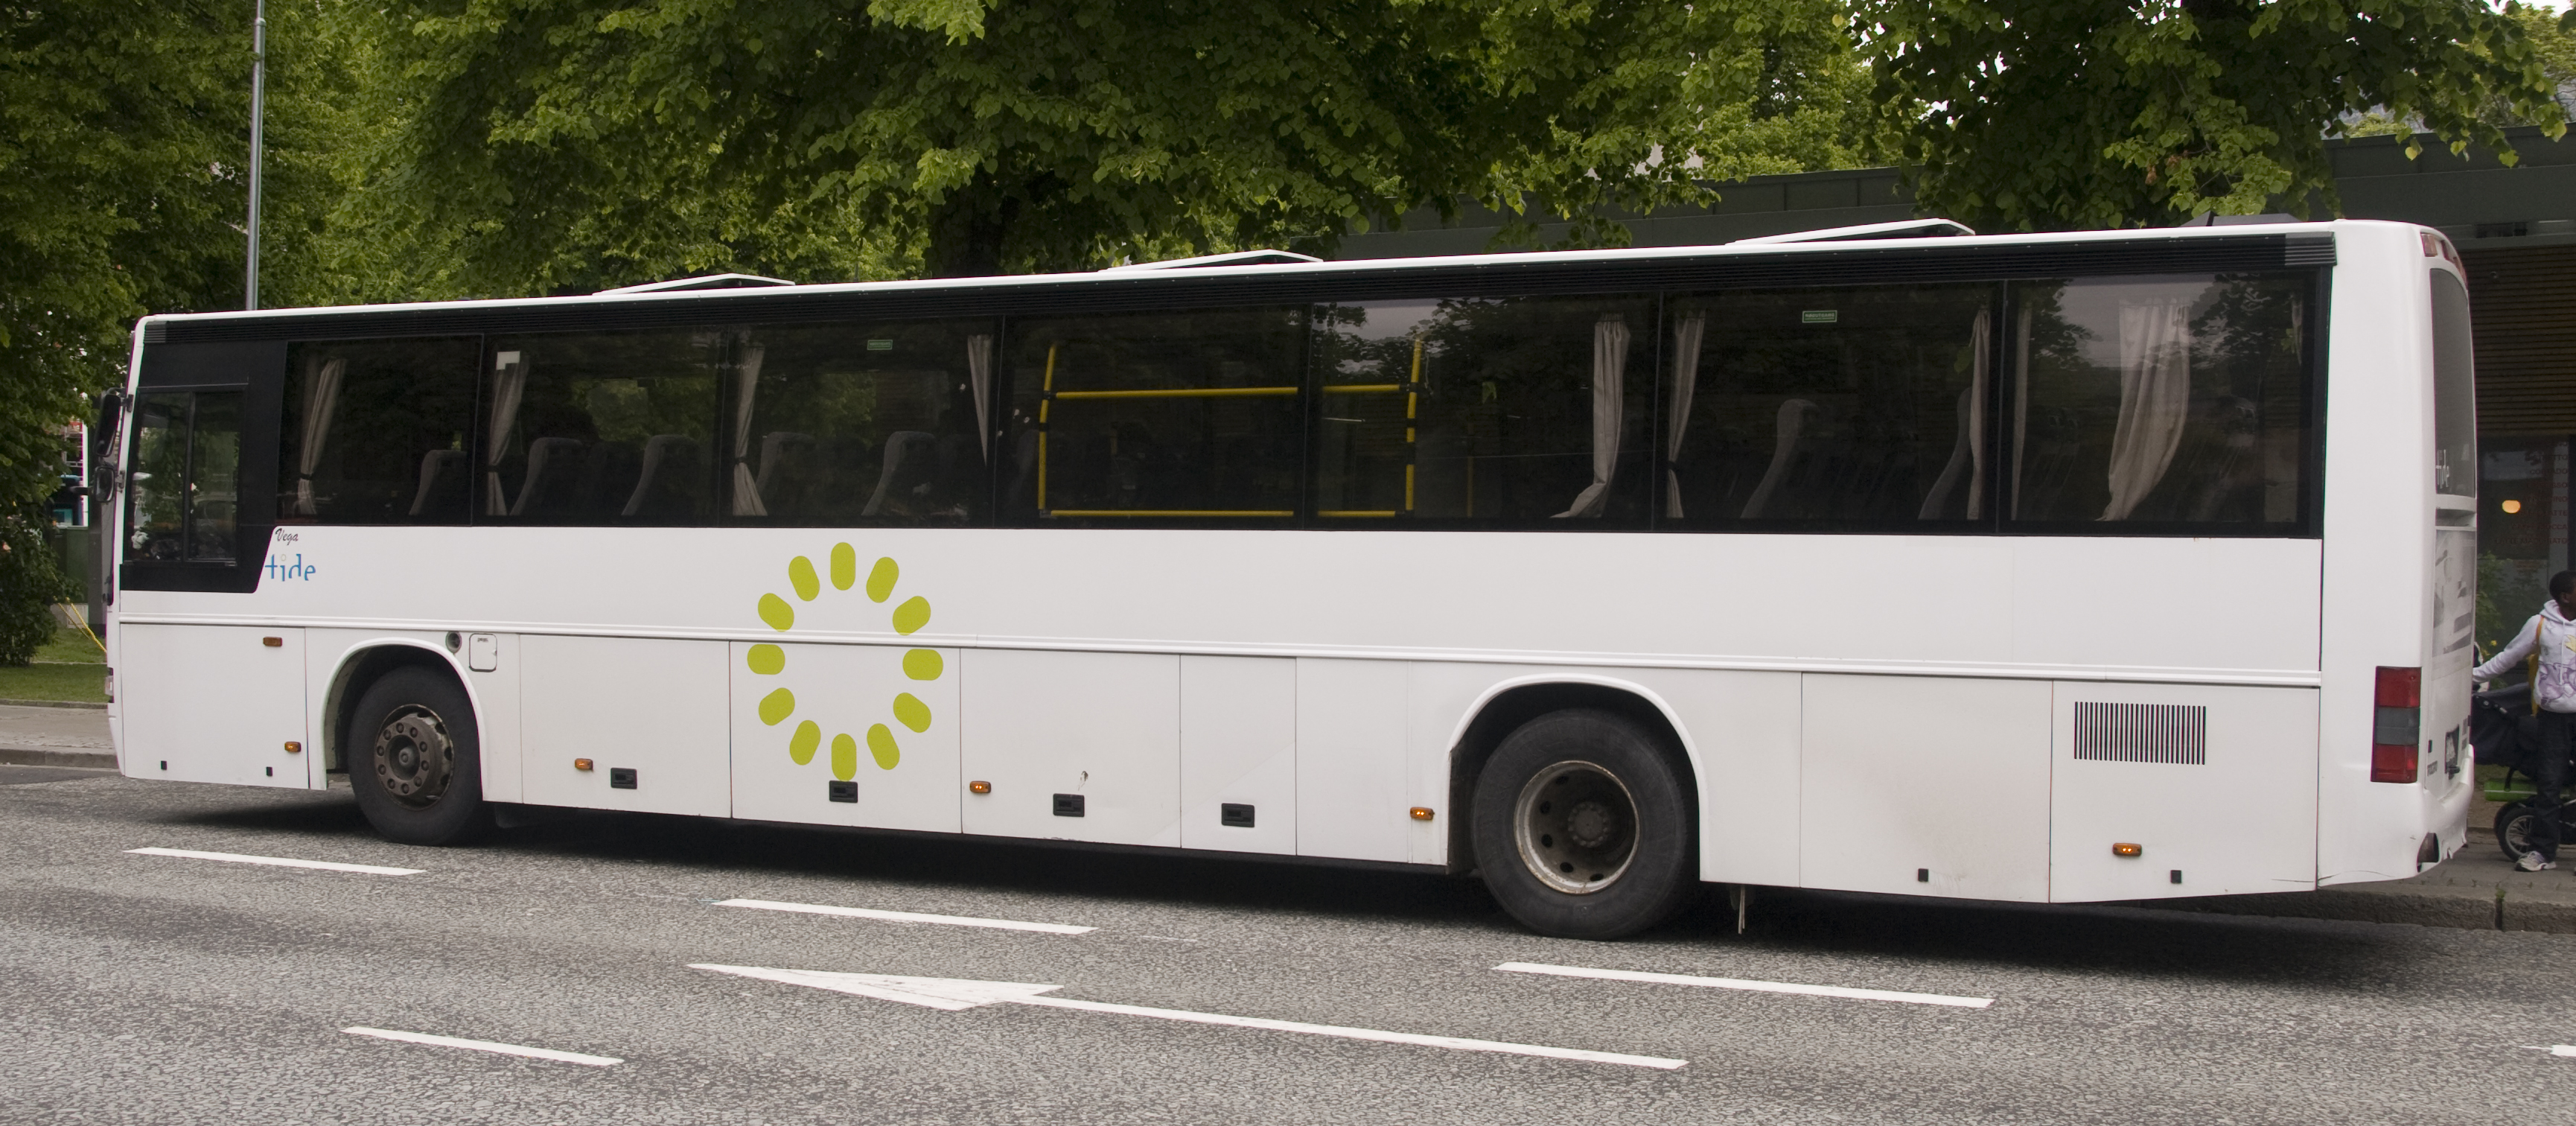 Wypadek autobusu w Rosji